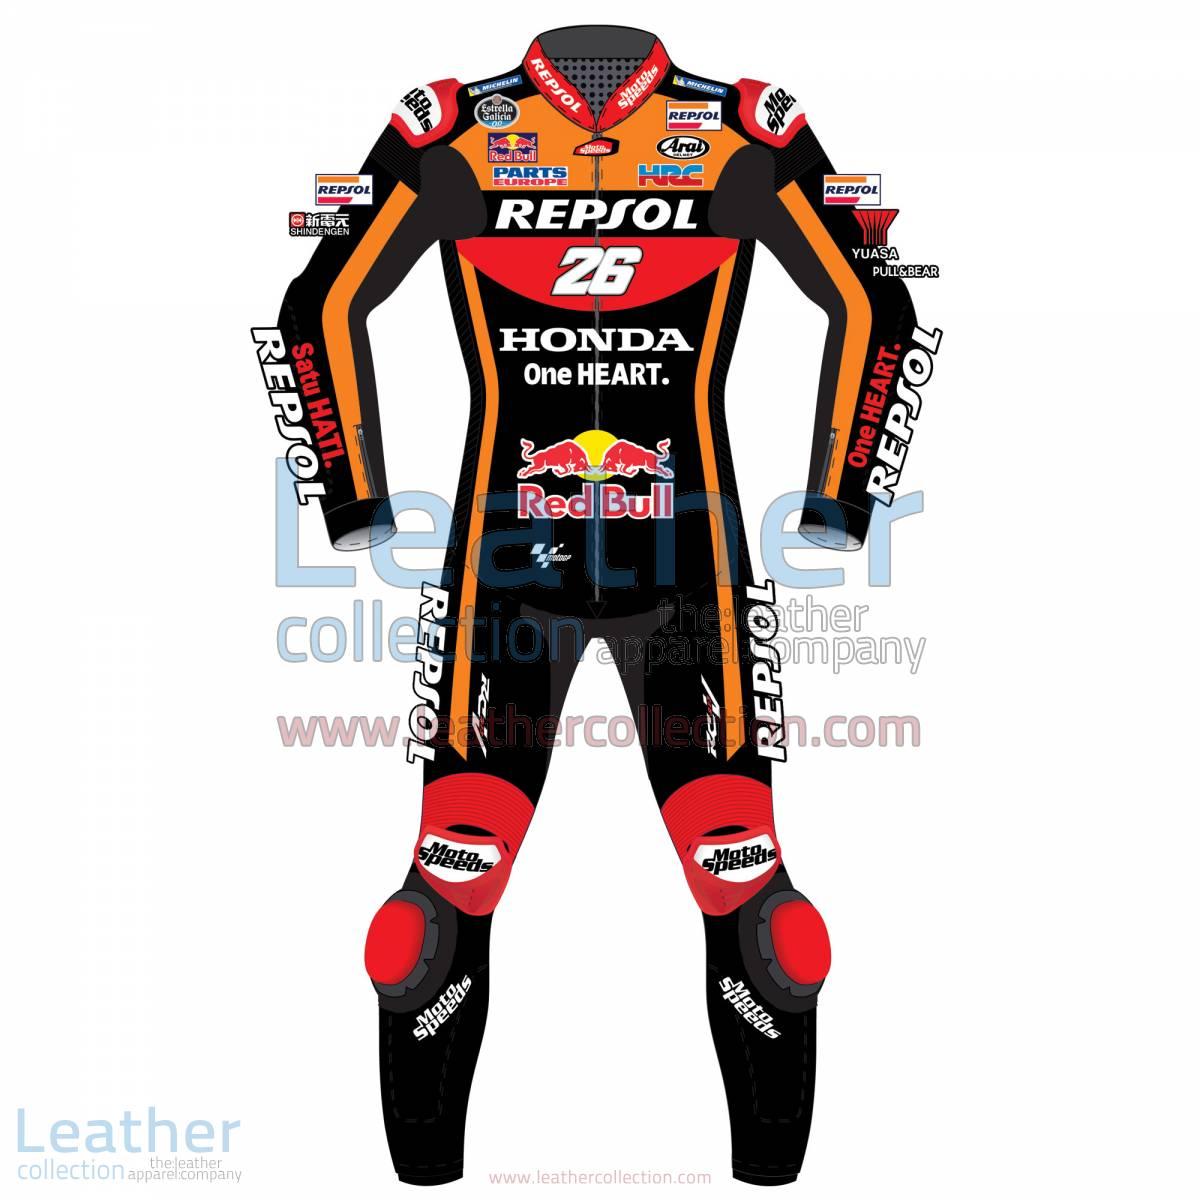 Dani Pedrosa 26 Honda Repsol Black Suit 2017 | Dani Pedrosa 26 Honda Repsol Black Suit 2017